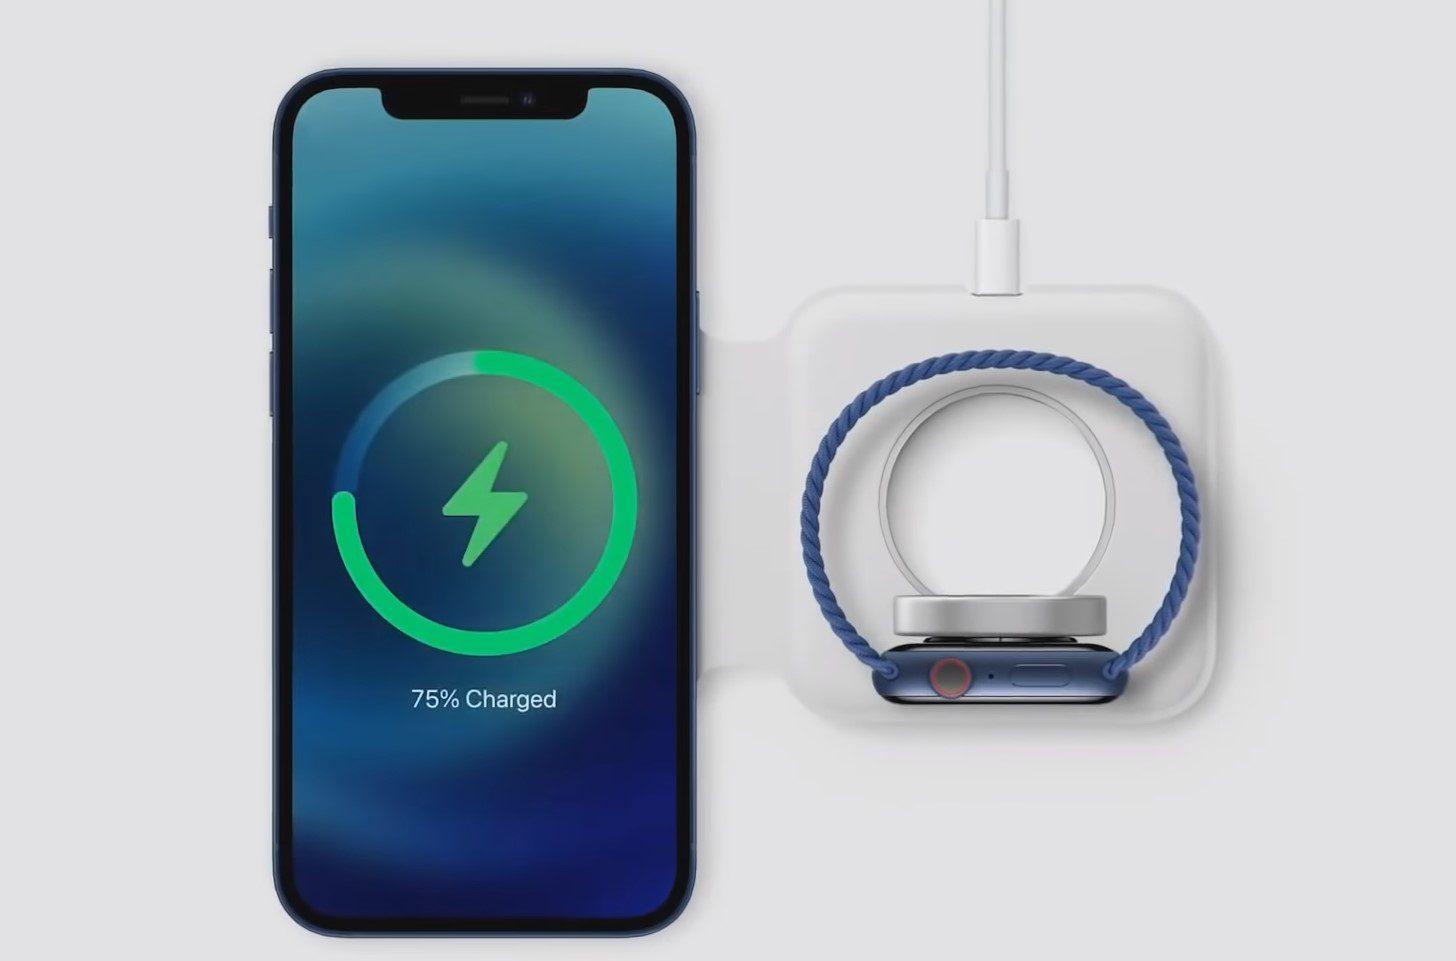 Торговые марки Realme MagDart могут быть похожи на технологию беспроводной зарядки Apple MagSafe